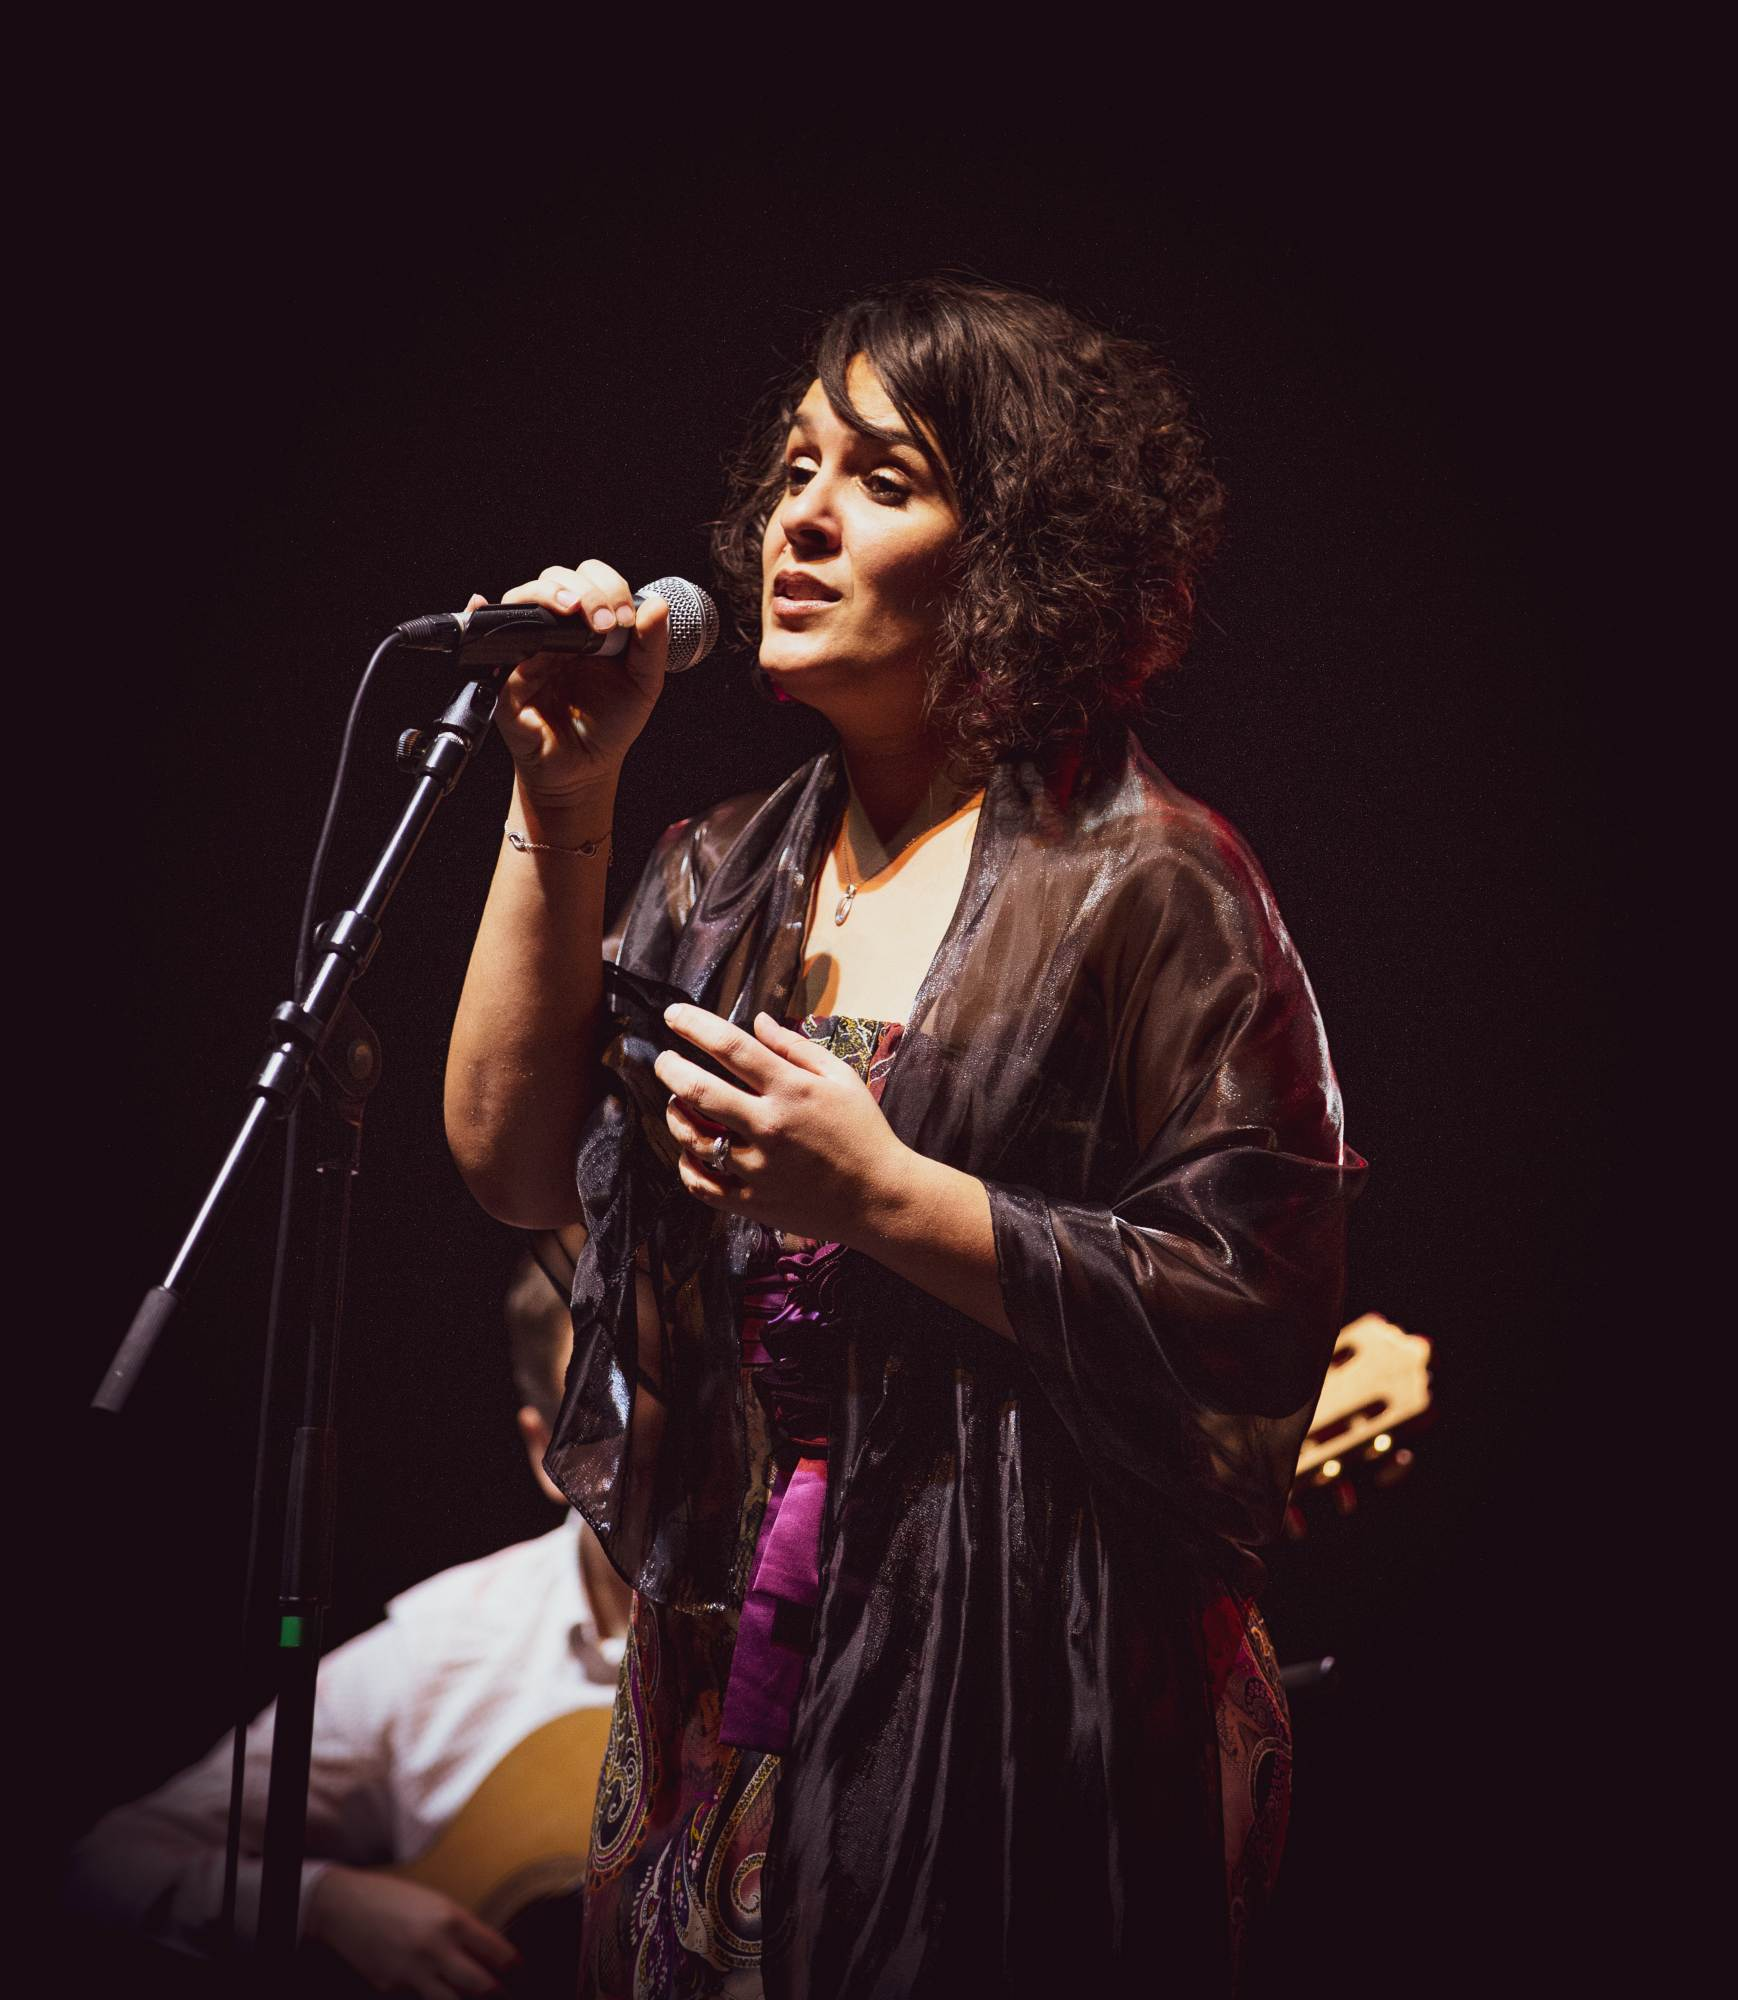 Anabela, chanteuse de Fado